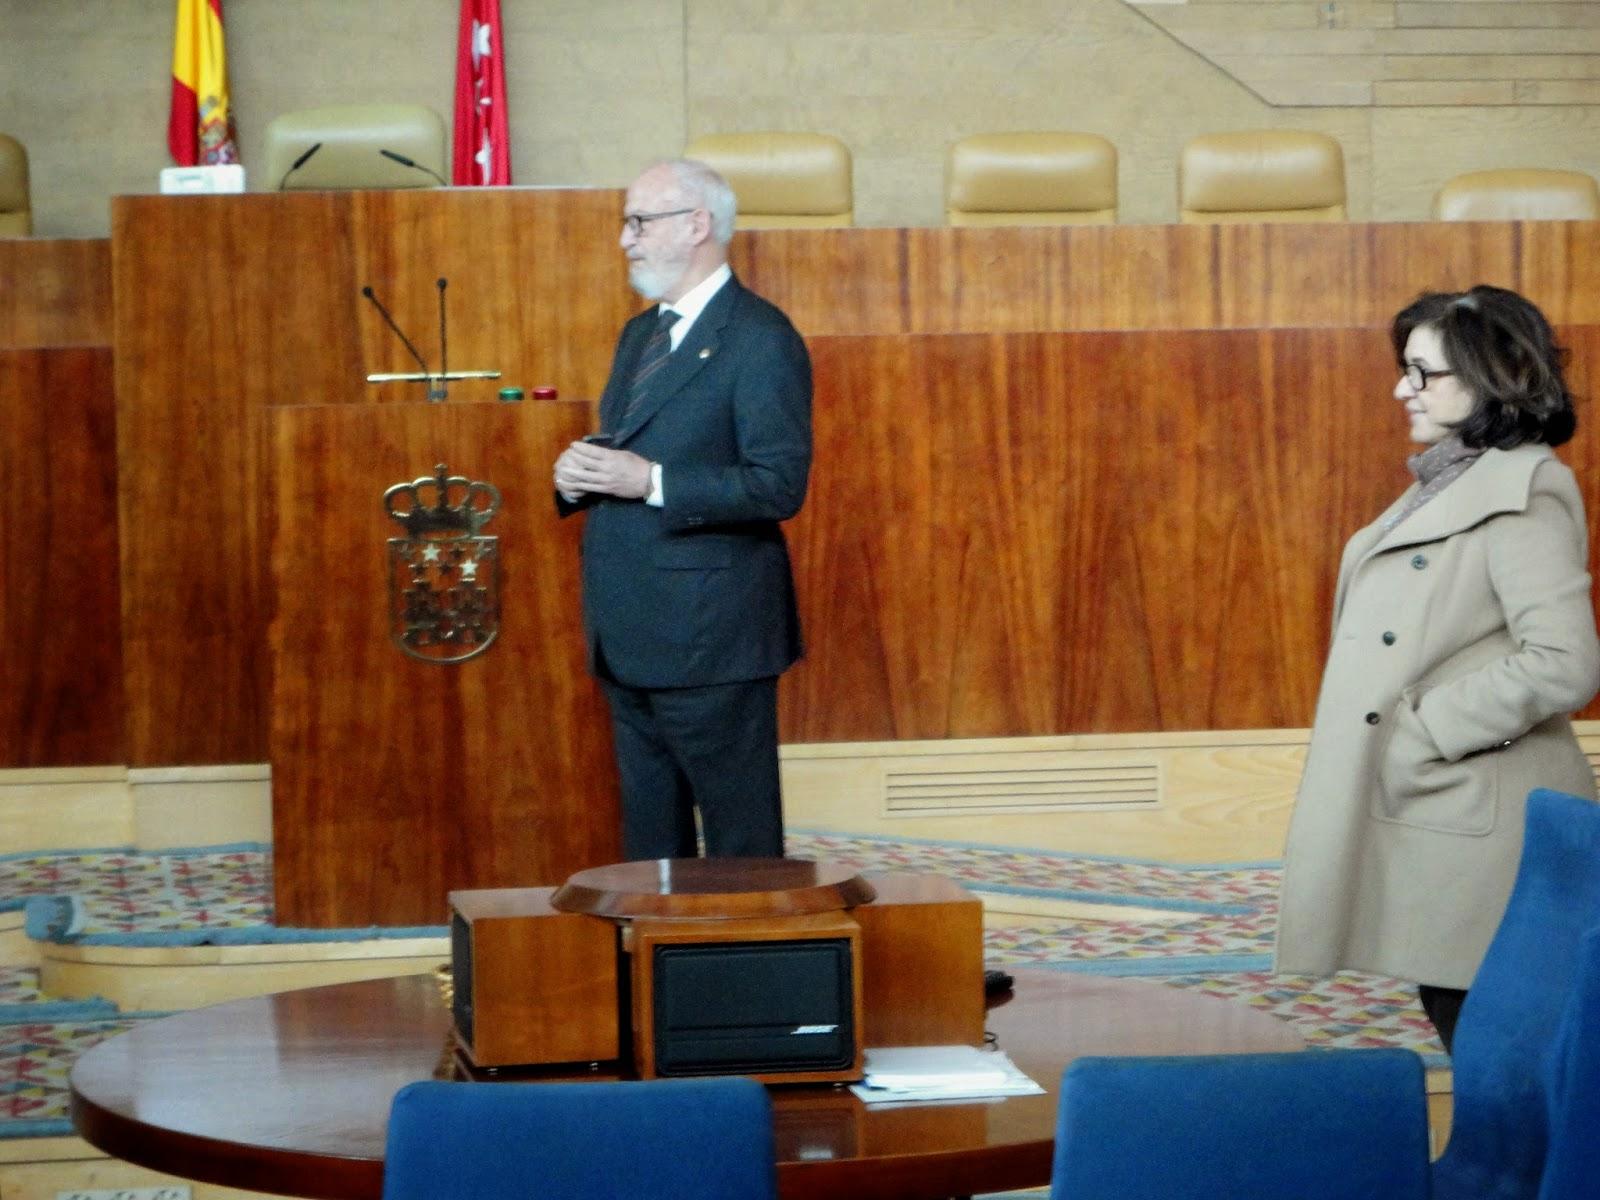 El Presidente de la Asamblea, José Ignacio Echeverría, saludó a los vecinos de Moratalaz.